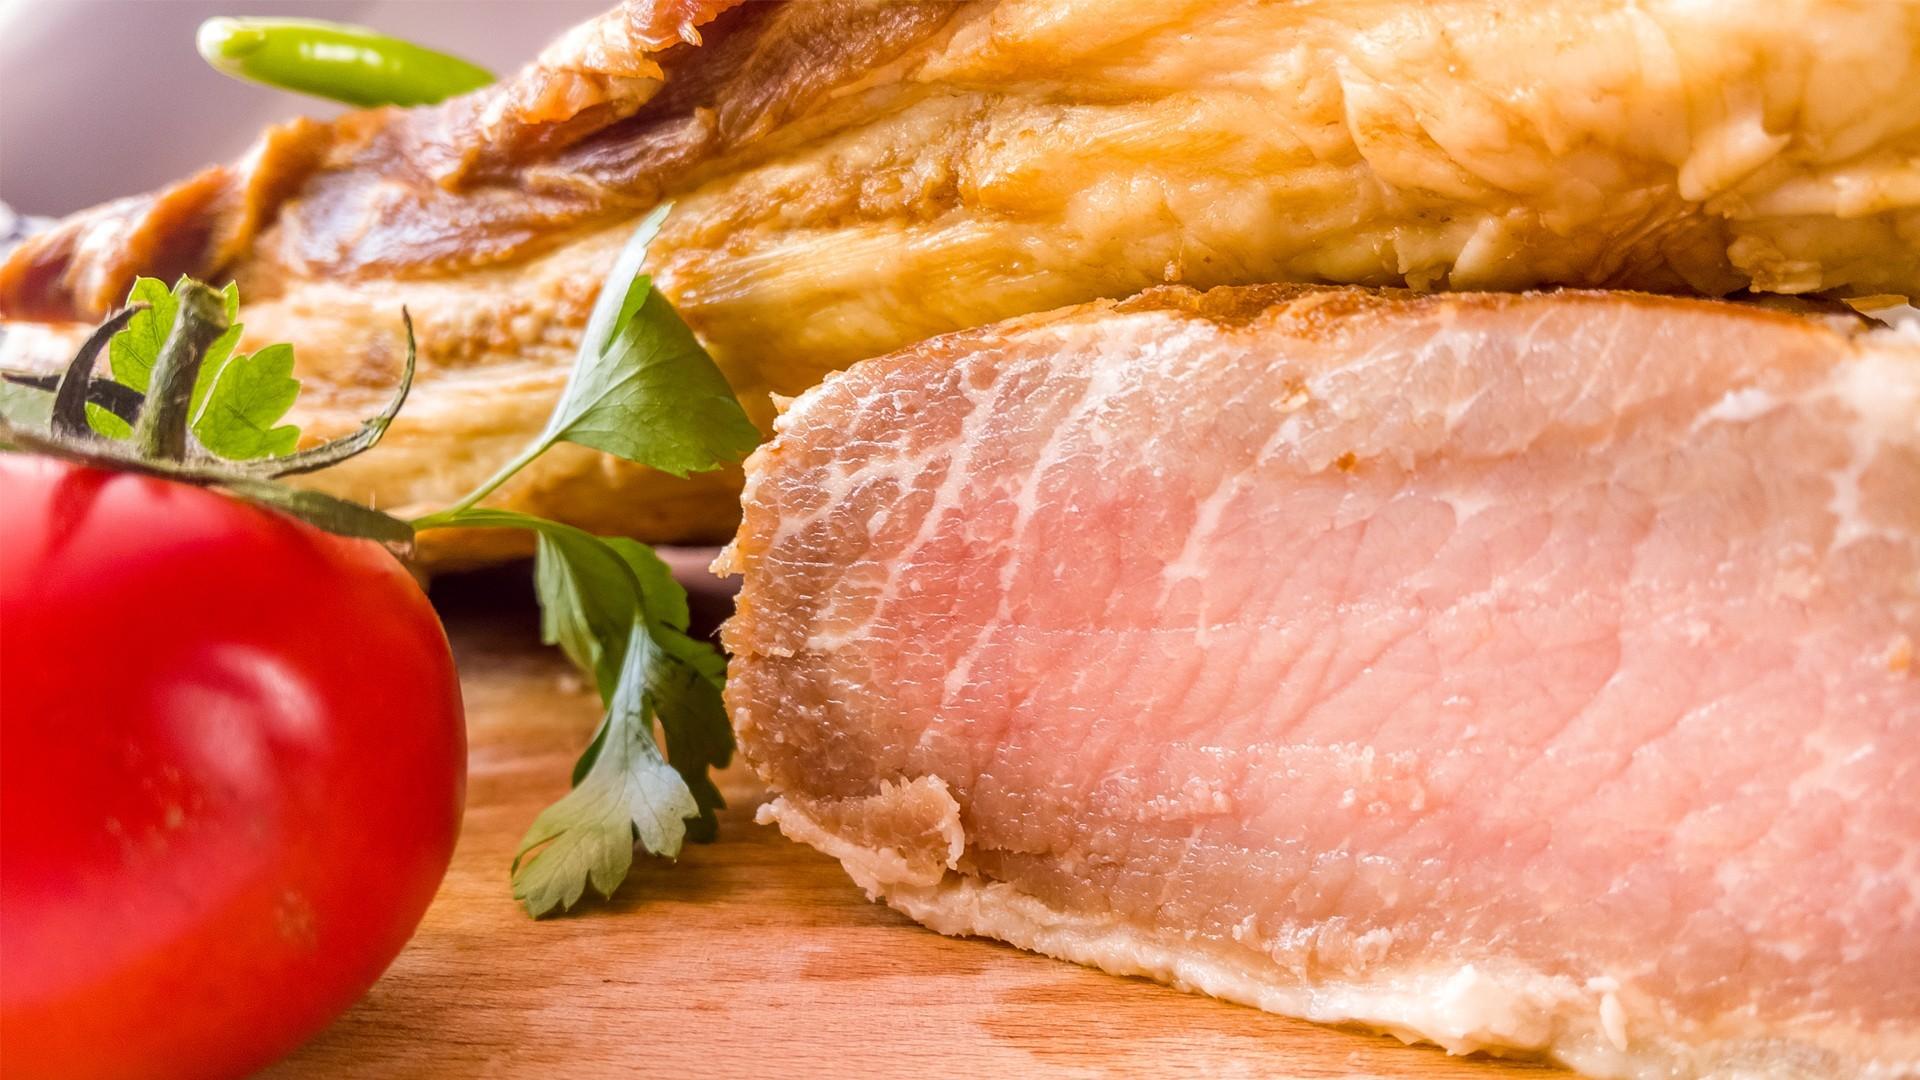 Cotlet de porc afumat